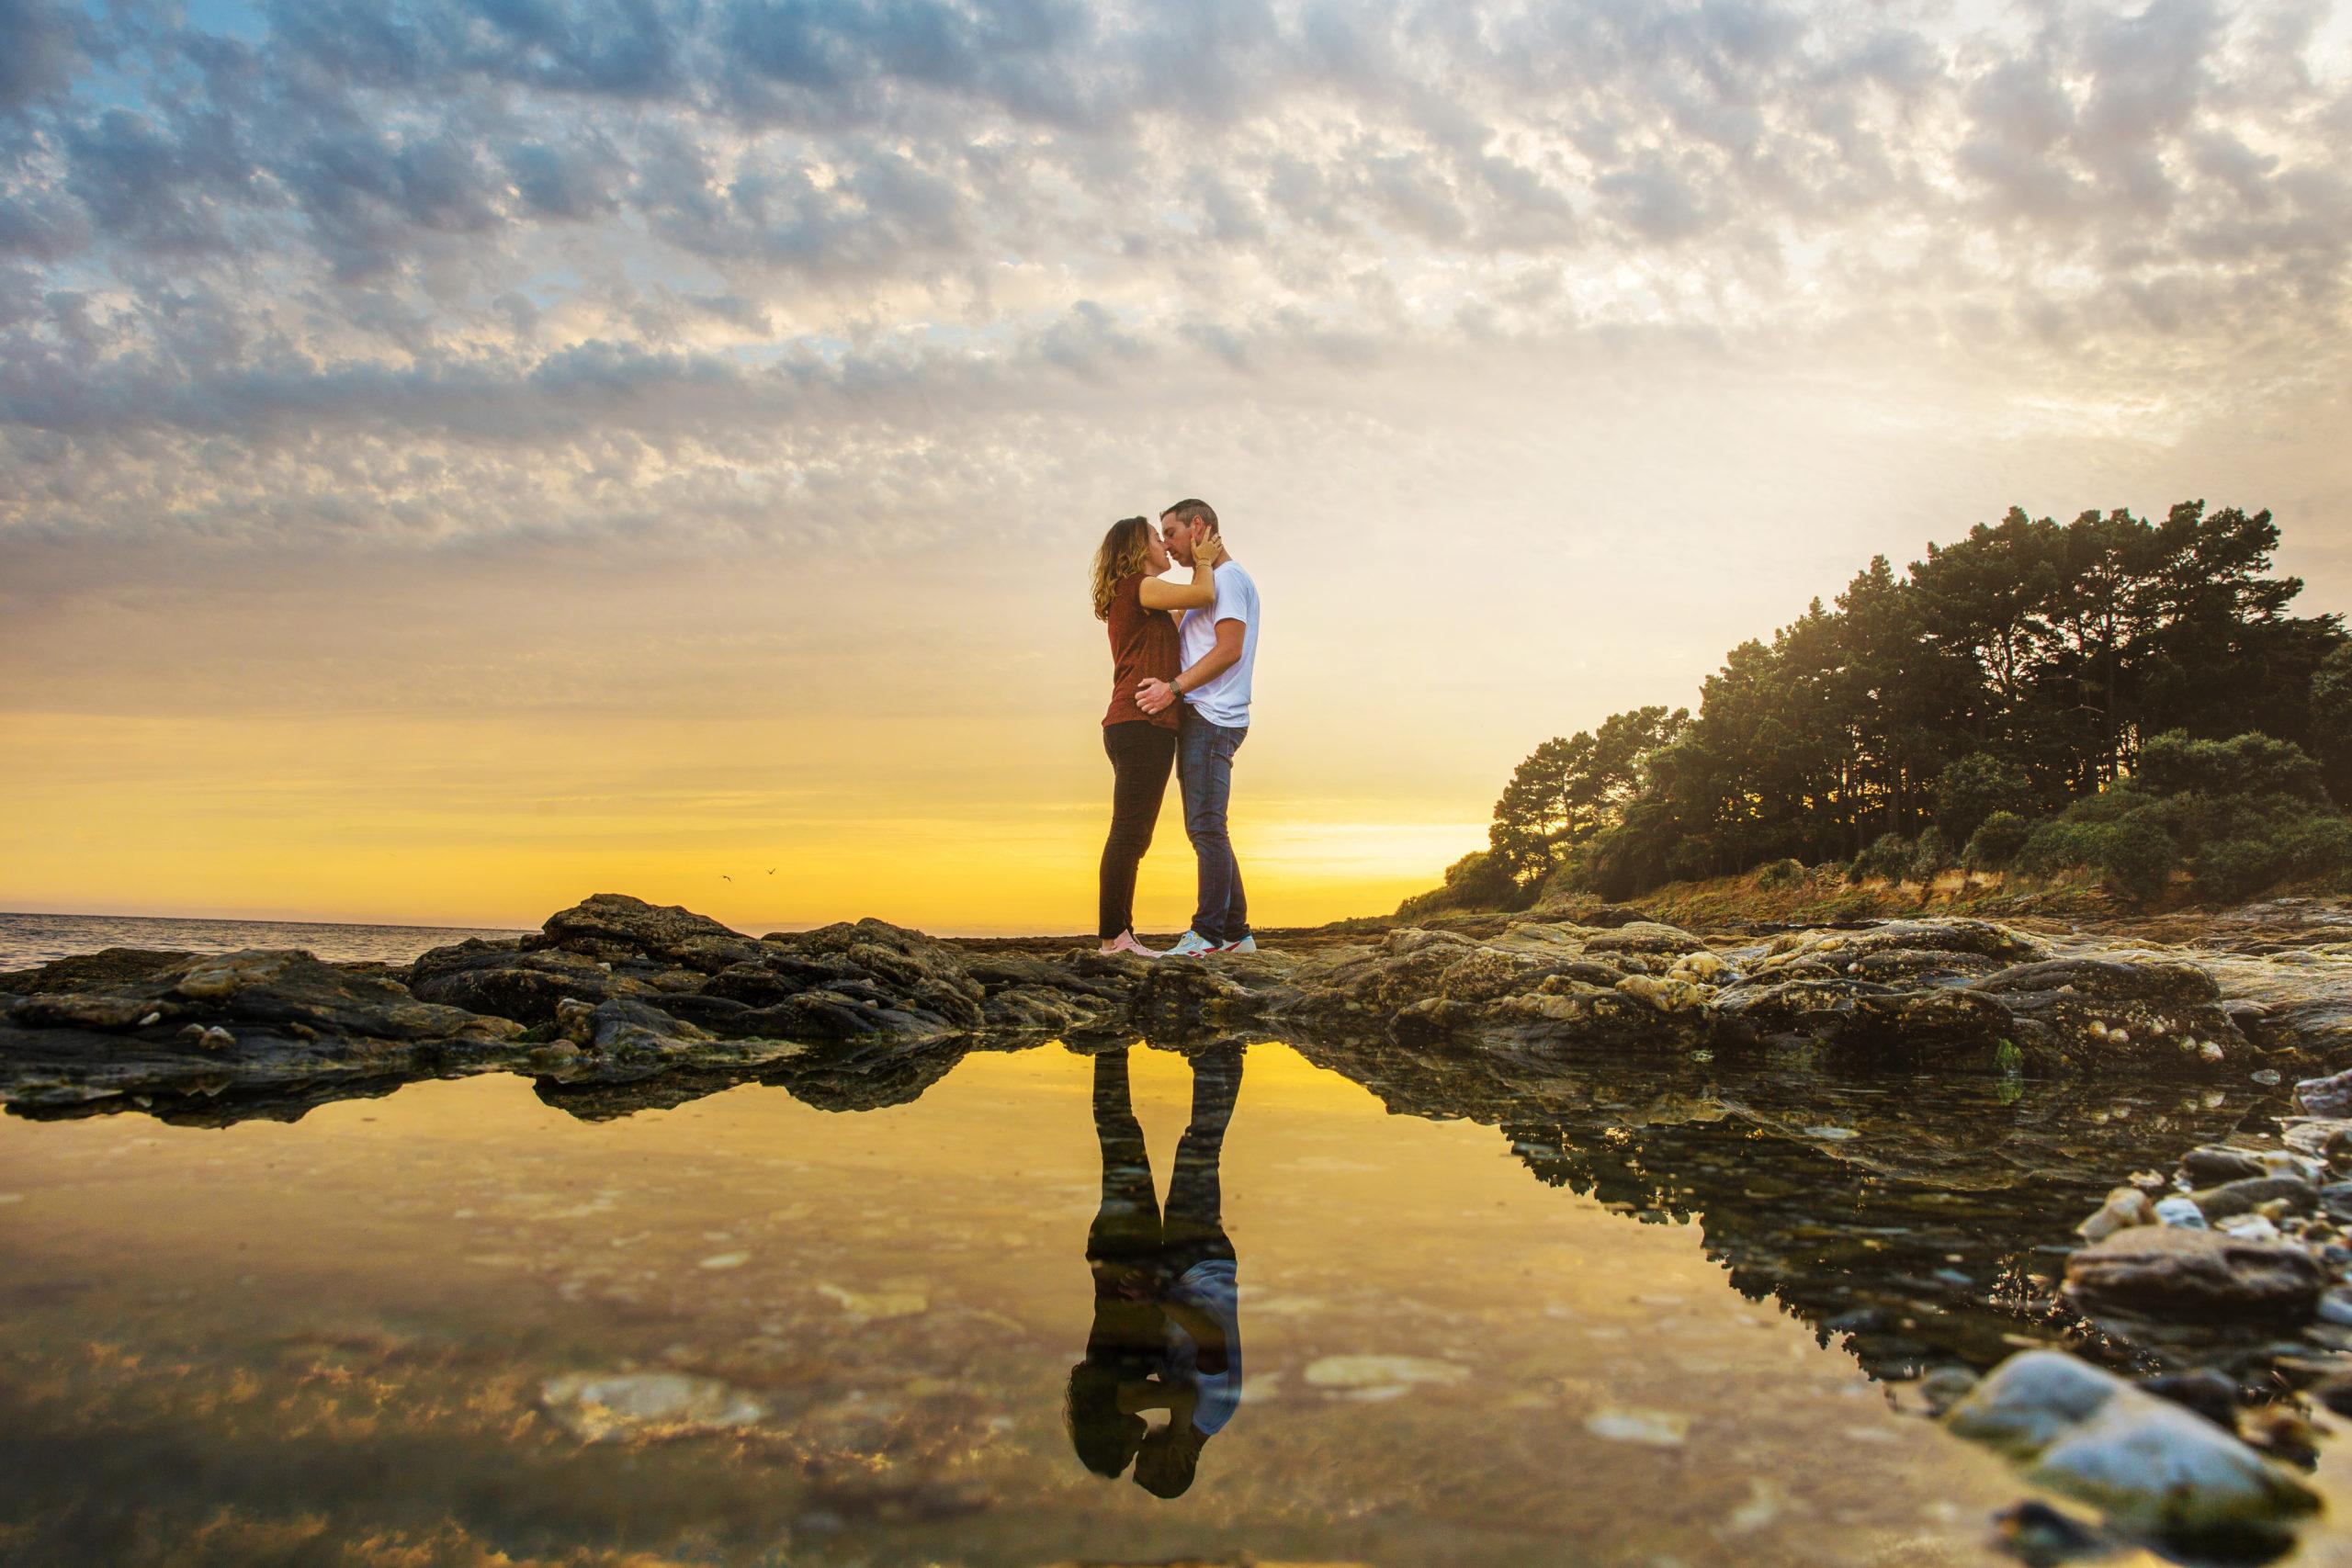 Couple qui s'embrassent sur les rochers avec leur reflet dans l'eau pendant le coucher de soleil